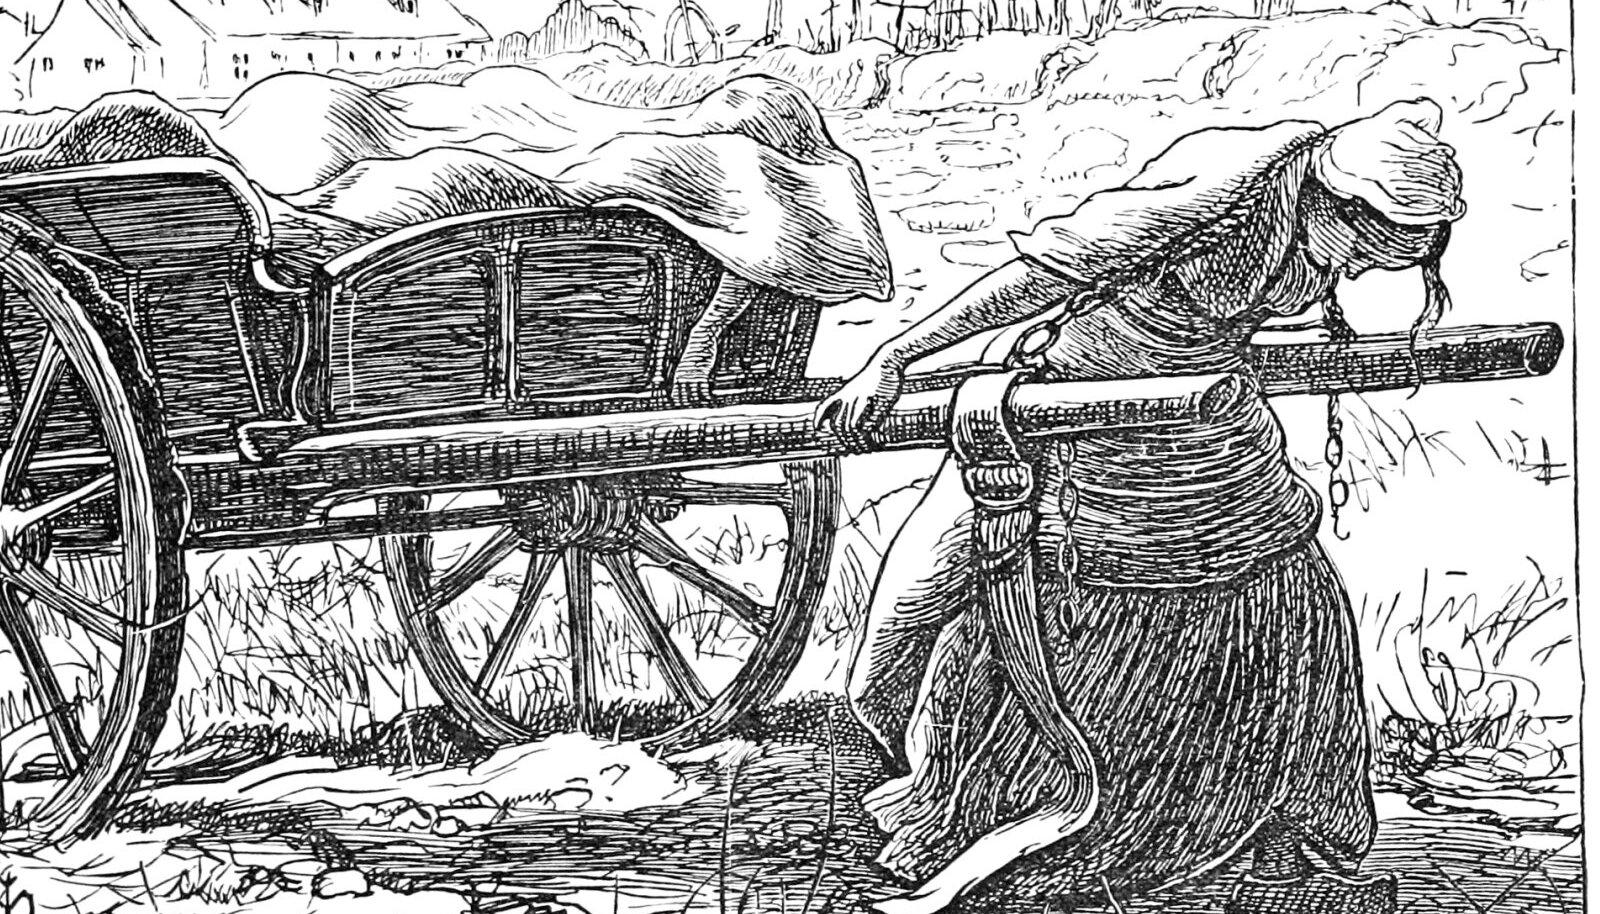 Illustratiivse tähendusega pilt katkuaja raskustest (pilt: Wikimedia Commons /  John Everett Millais' joonistus aastast 1861)